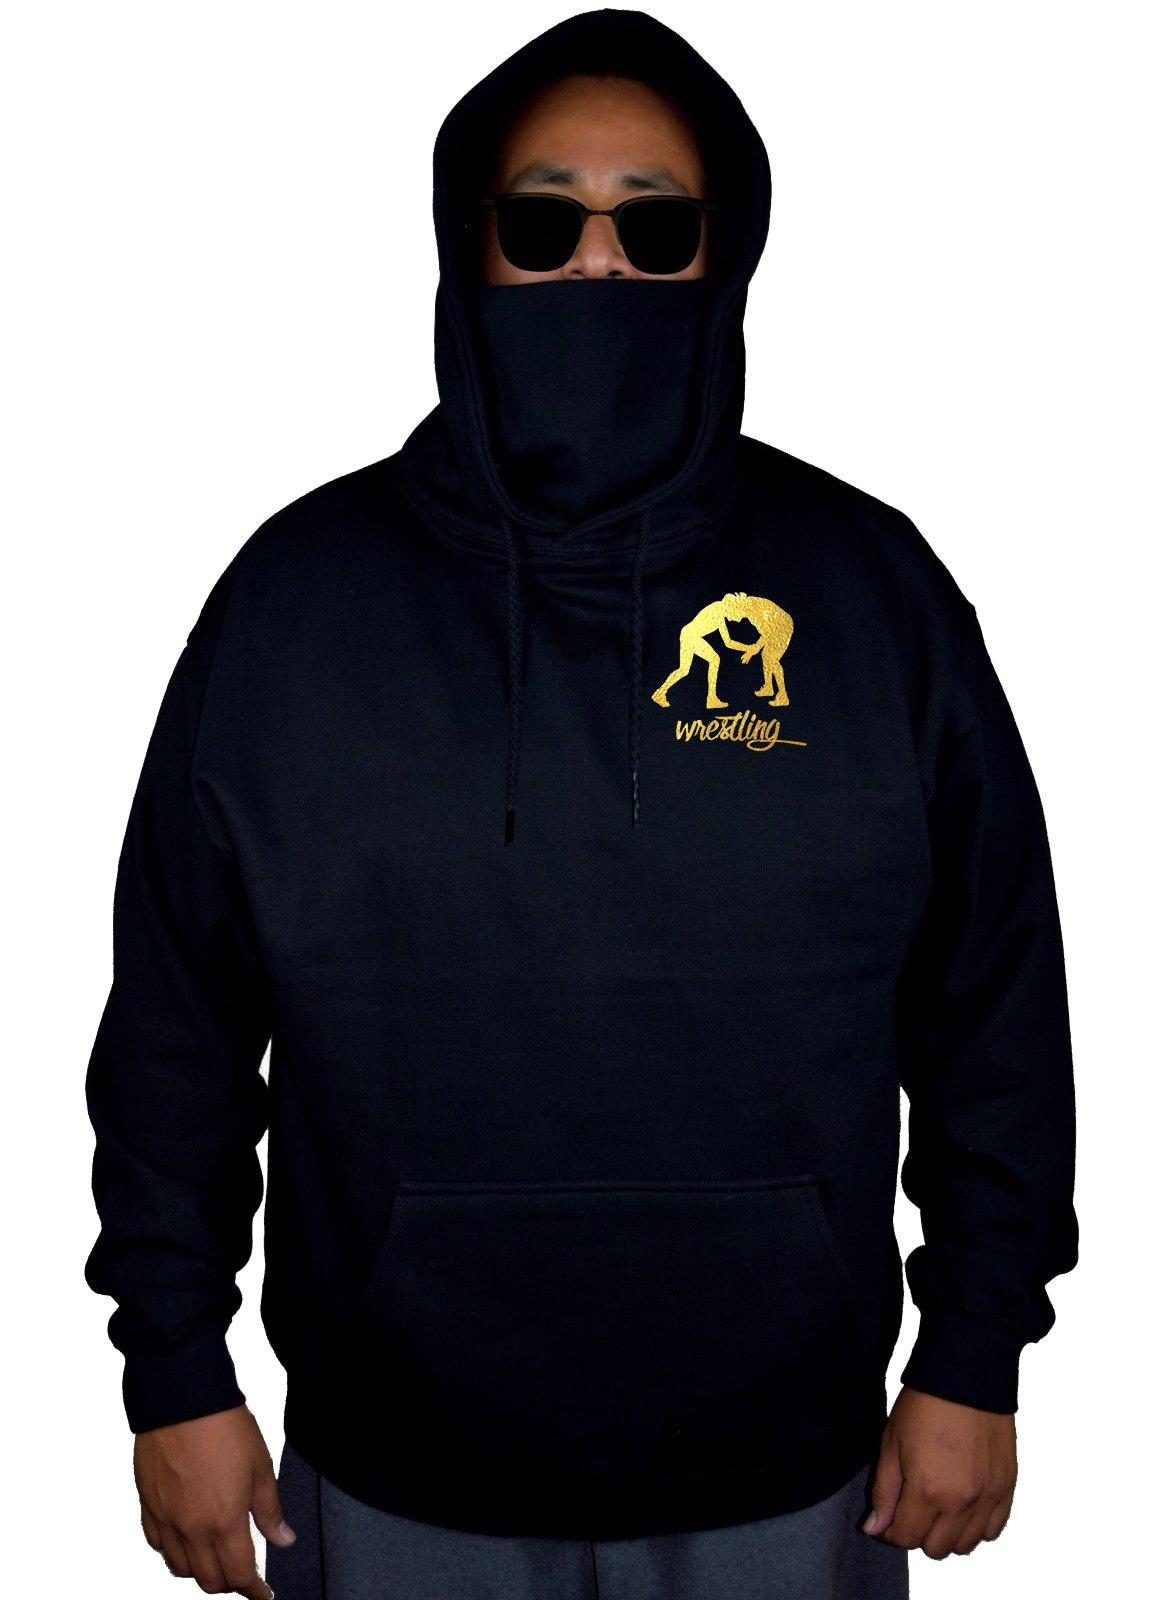 Interstate Apparel Men's Gold Foil Wrestling Emblem Black Mask Hoodie Sweater 5X-Large by Interstate Apparel